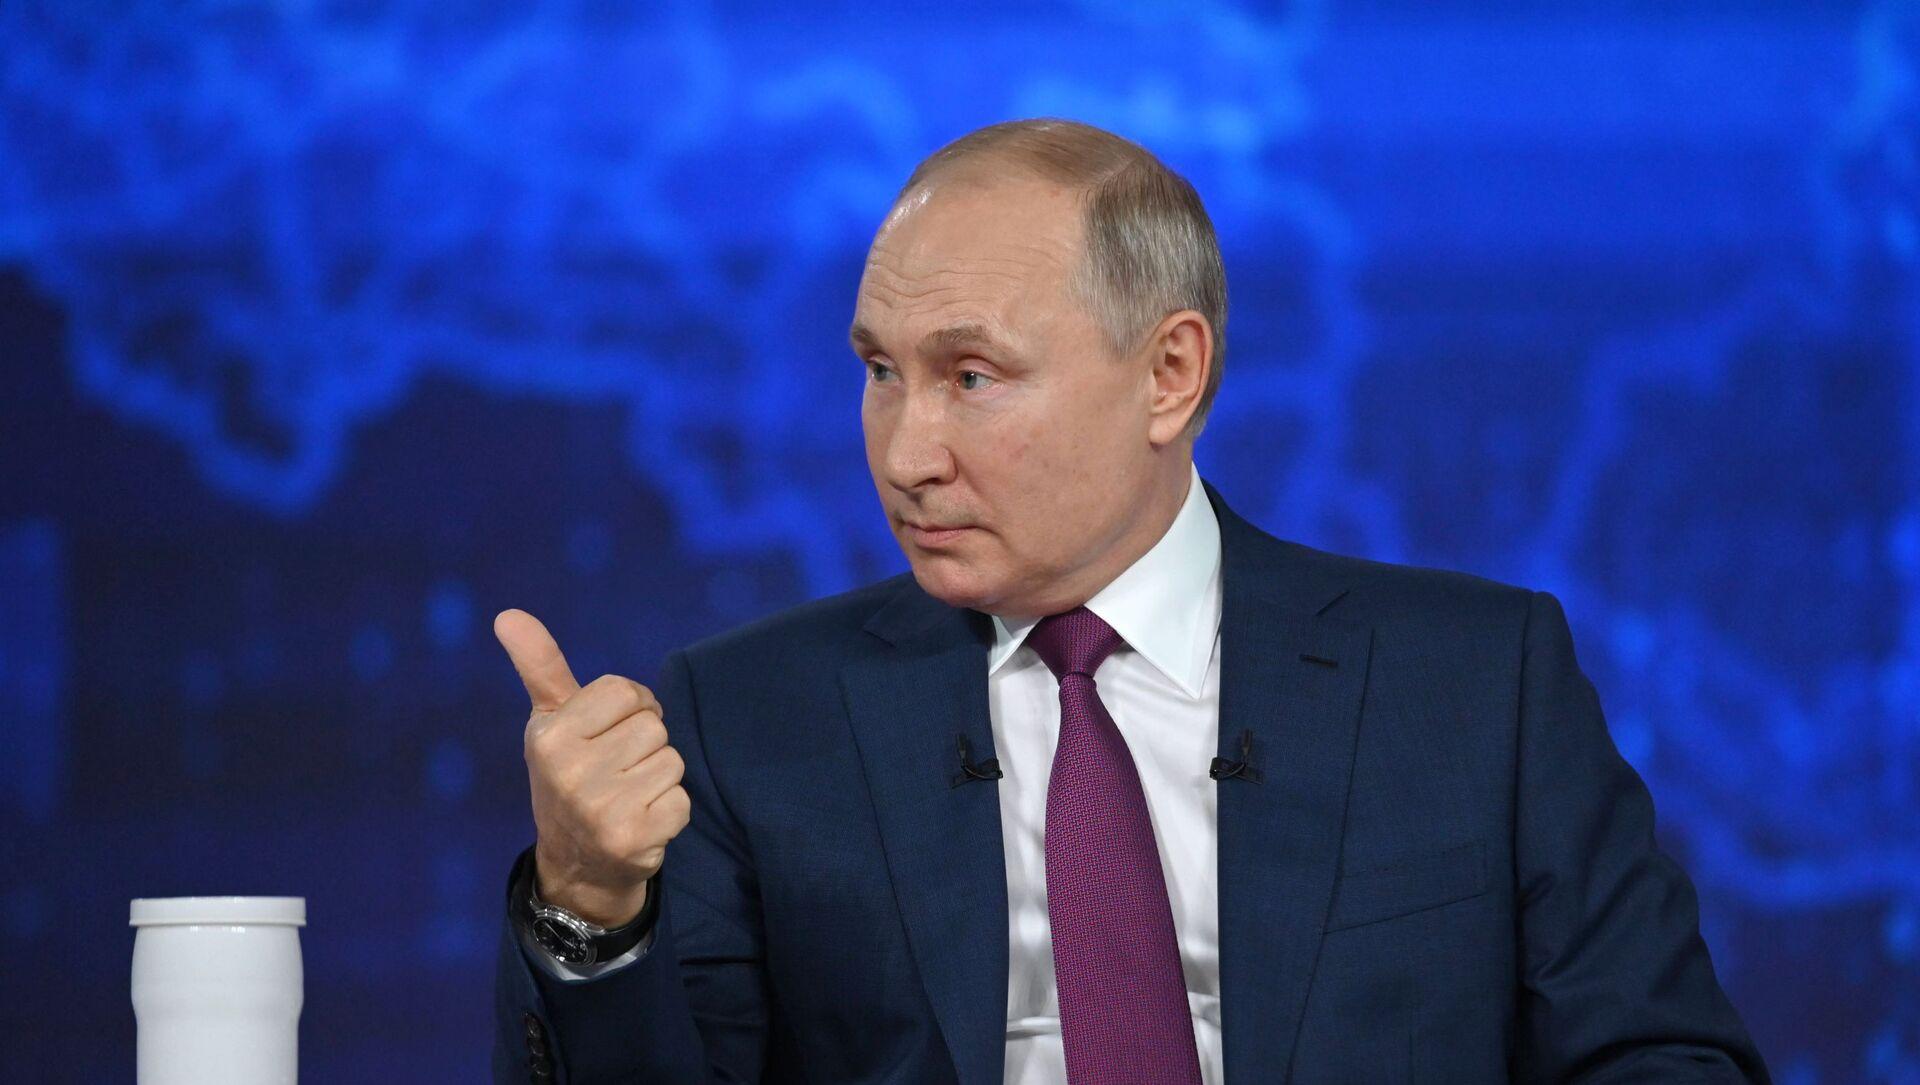 Rusiya prezidenti Vladimir Putin, 30 iyun 2021-ci il - Sputnik Азербайджан, 1920, 28.07.2021